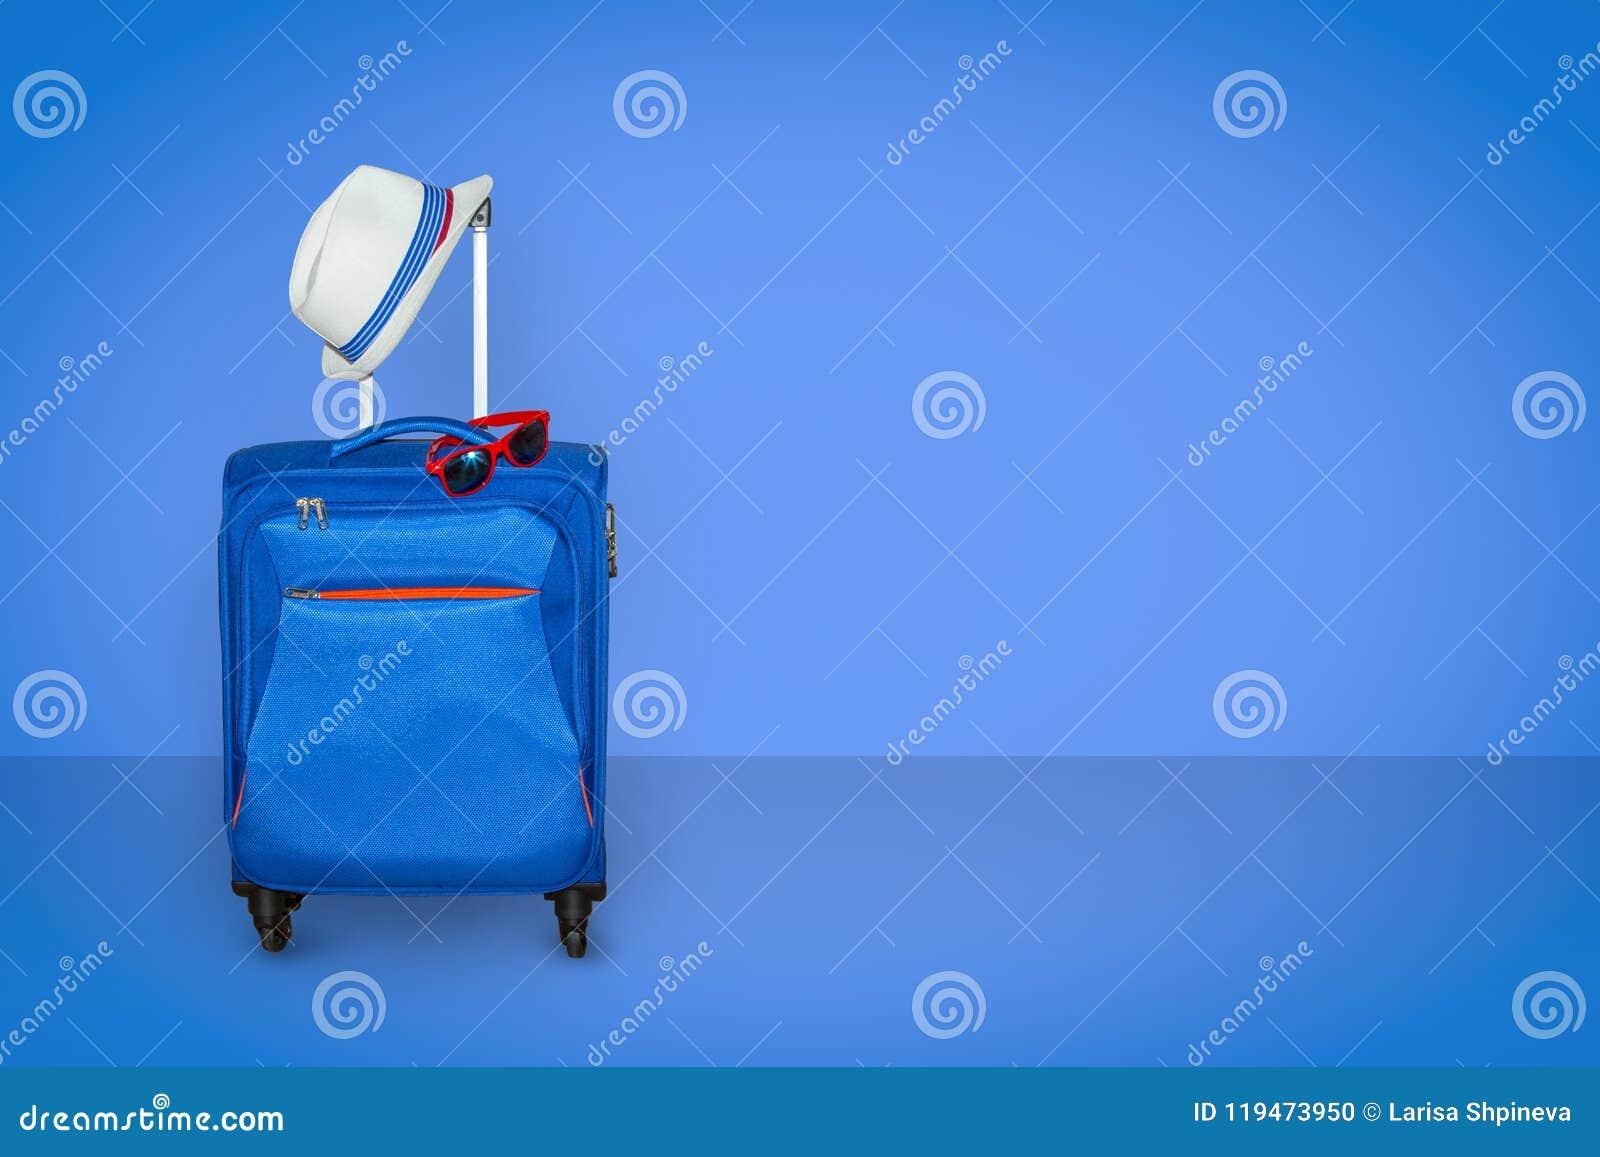 Wit Reuzenrad met glas lichtblauwe cabines tegen het blauw